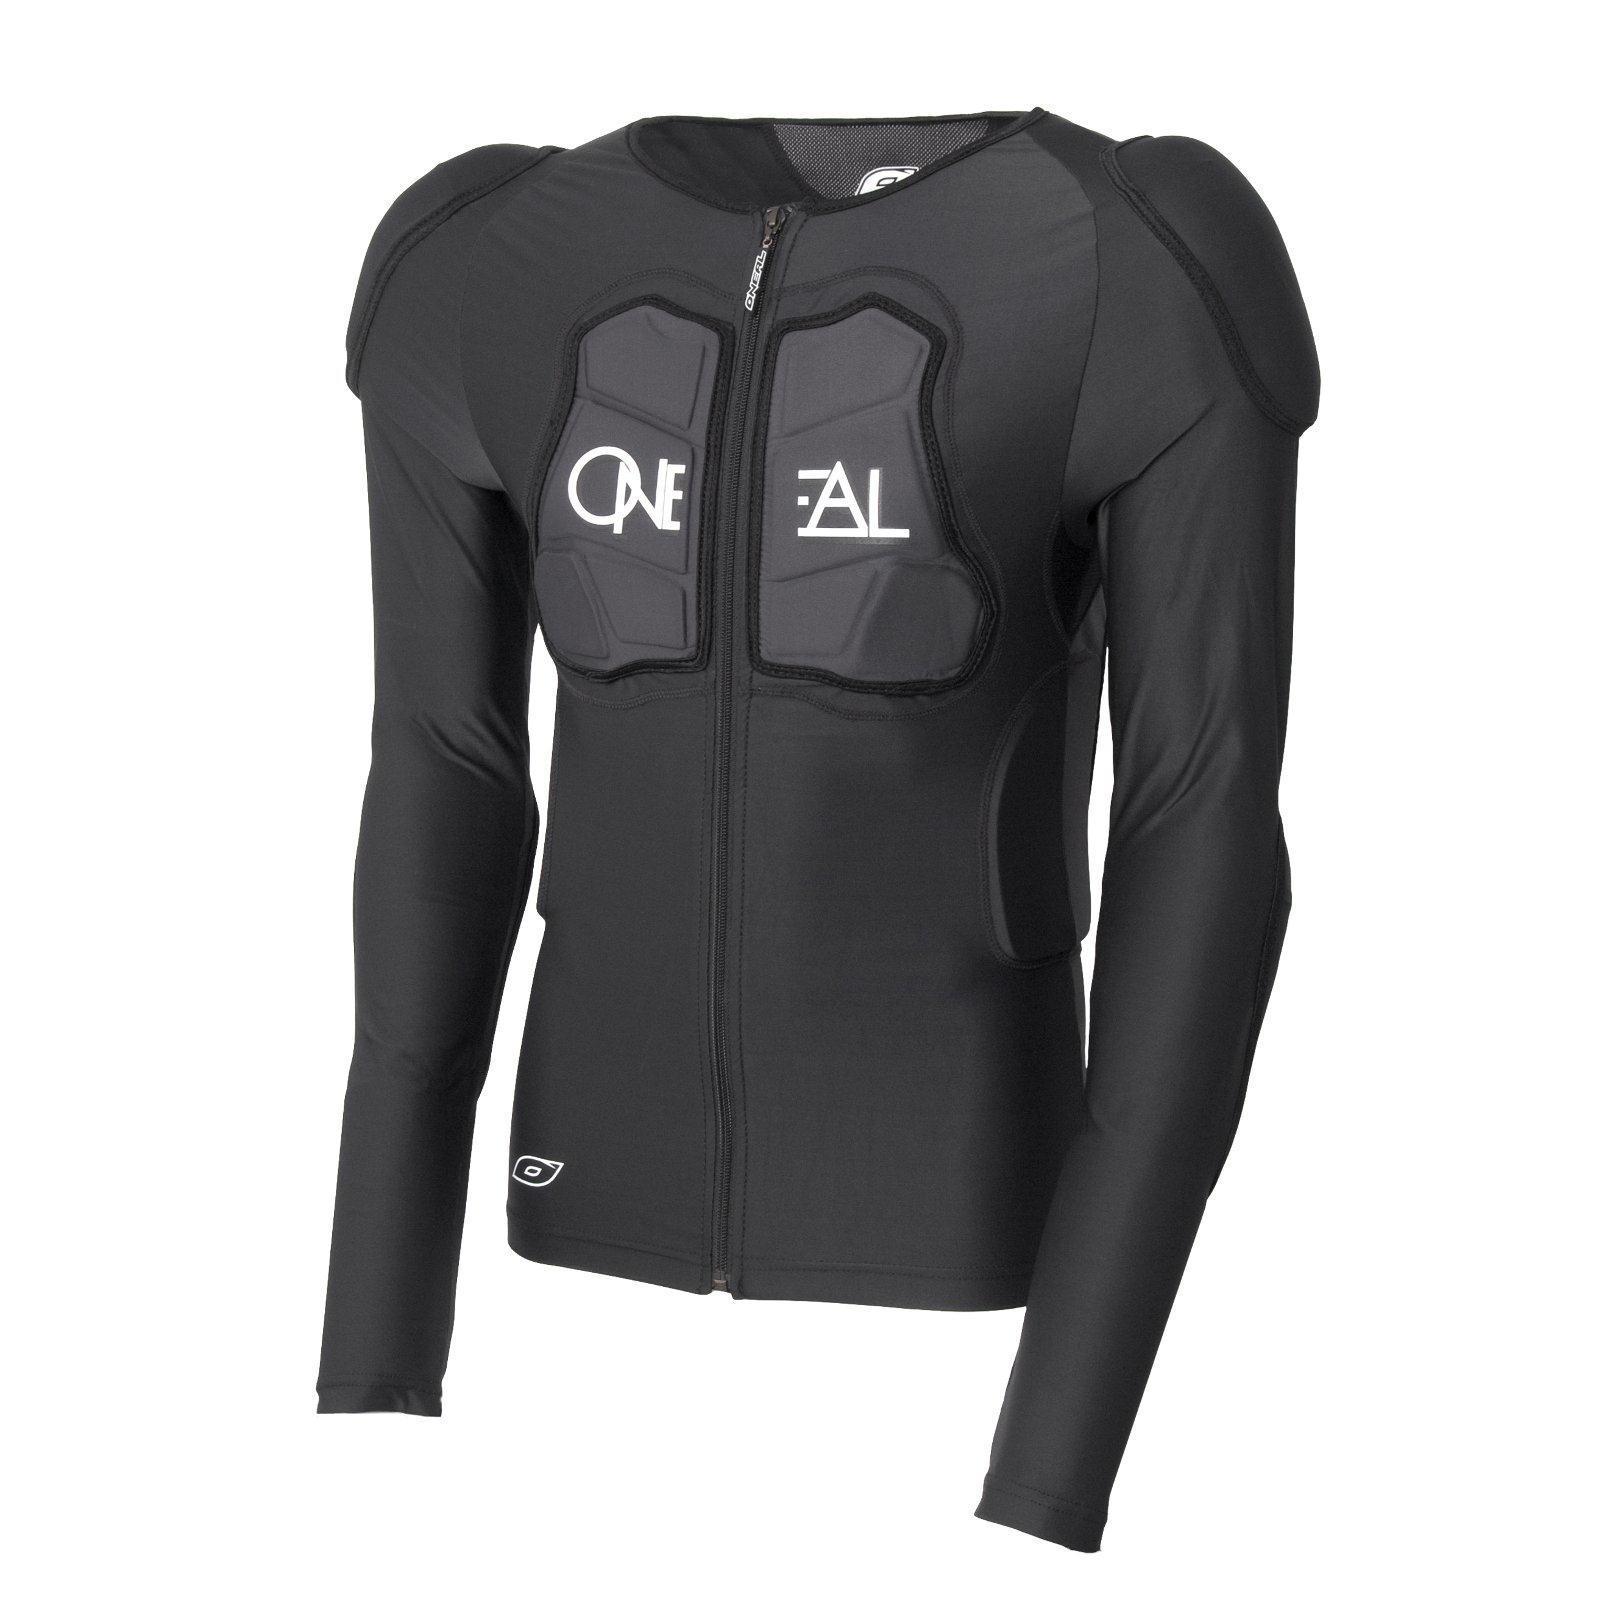 Oneal-protectores-chaqueta-pecho-tanques-chaqueta-moto-cross-FR-DH-proteccion-chaleco-MX-MTB miniatura 24